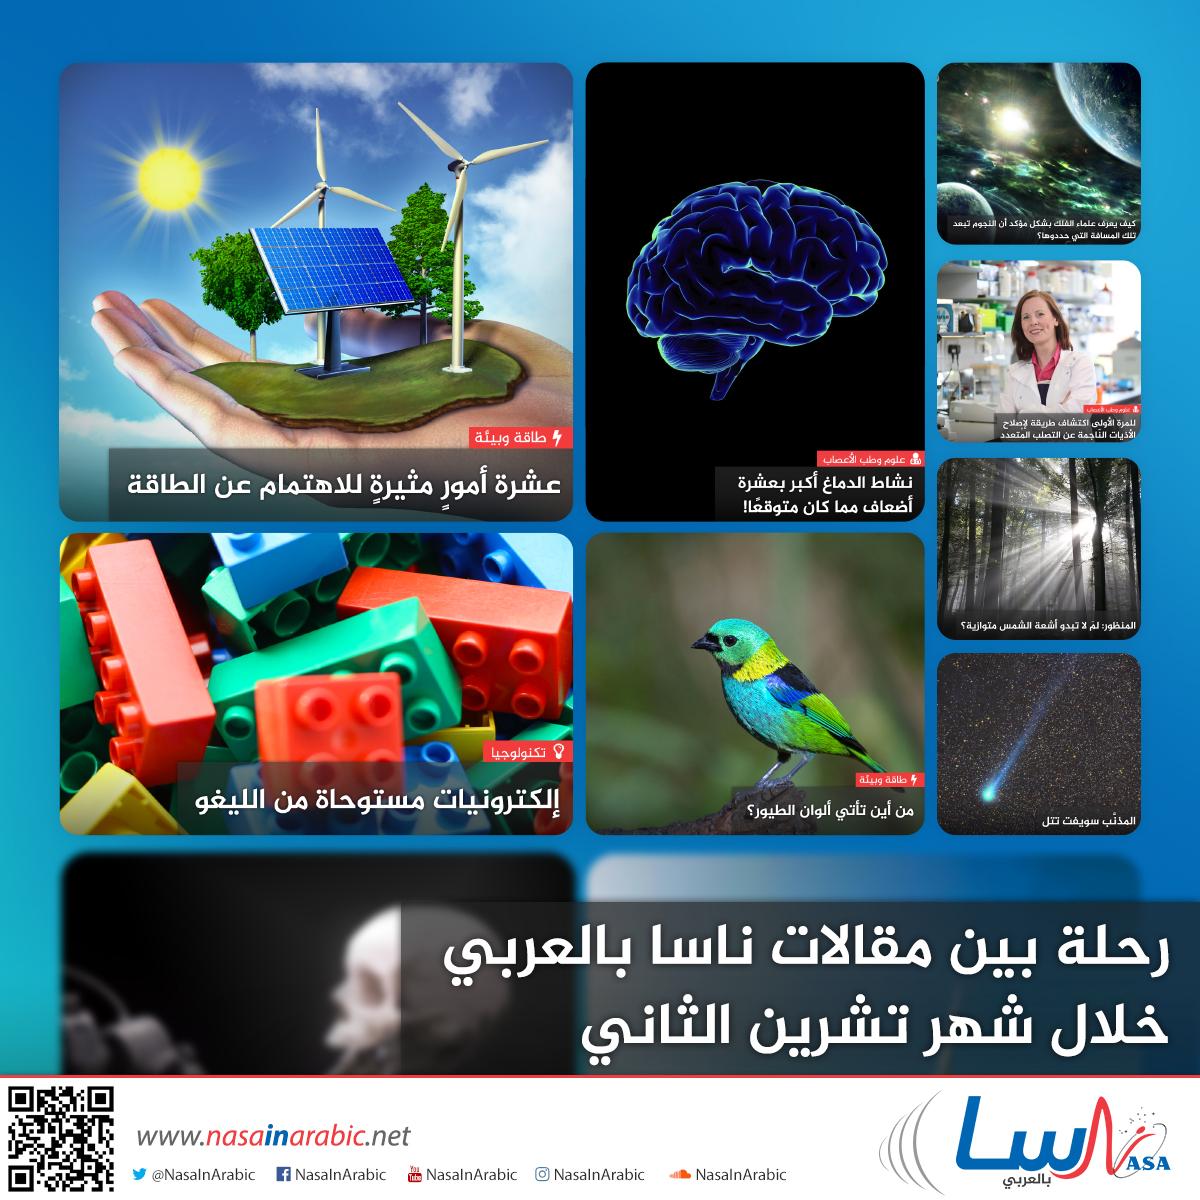 رحلة بين مقالات ناسا بالعربي خلال شهر تشرين الثاني